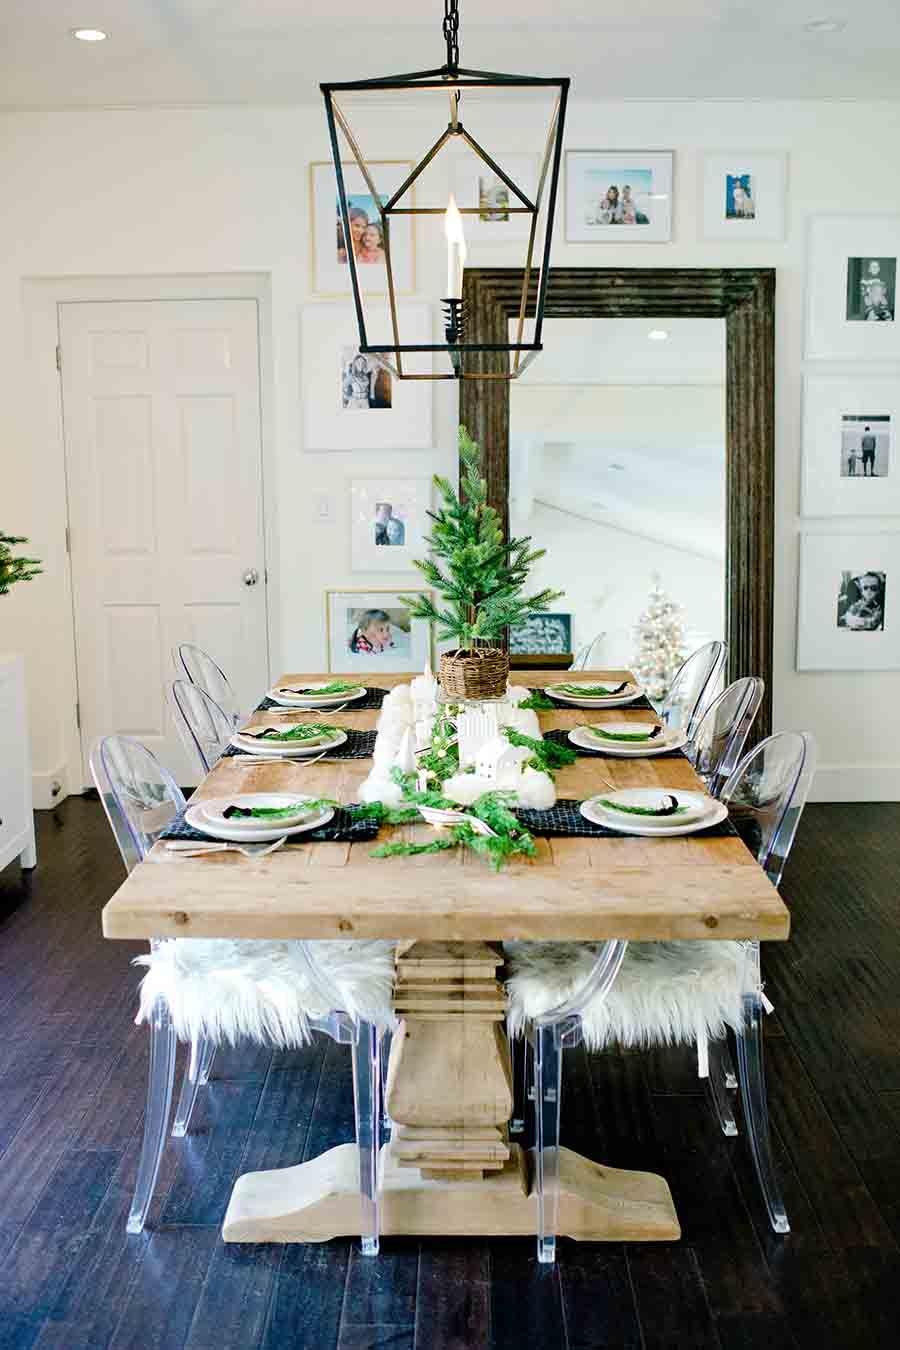 Modern Farmhouse Christmas Table Tips For Creating A Holiday Table Christmas Table Modern Farmhouse Table Decor